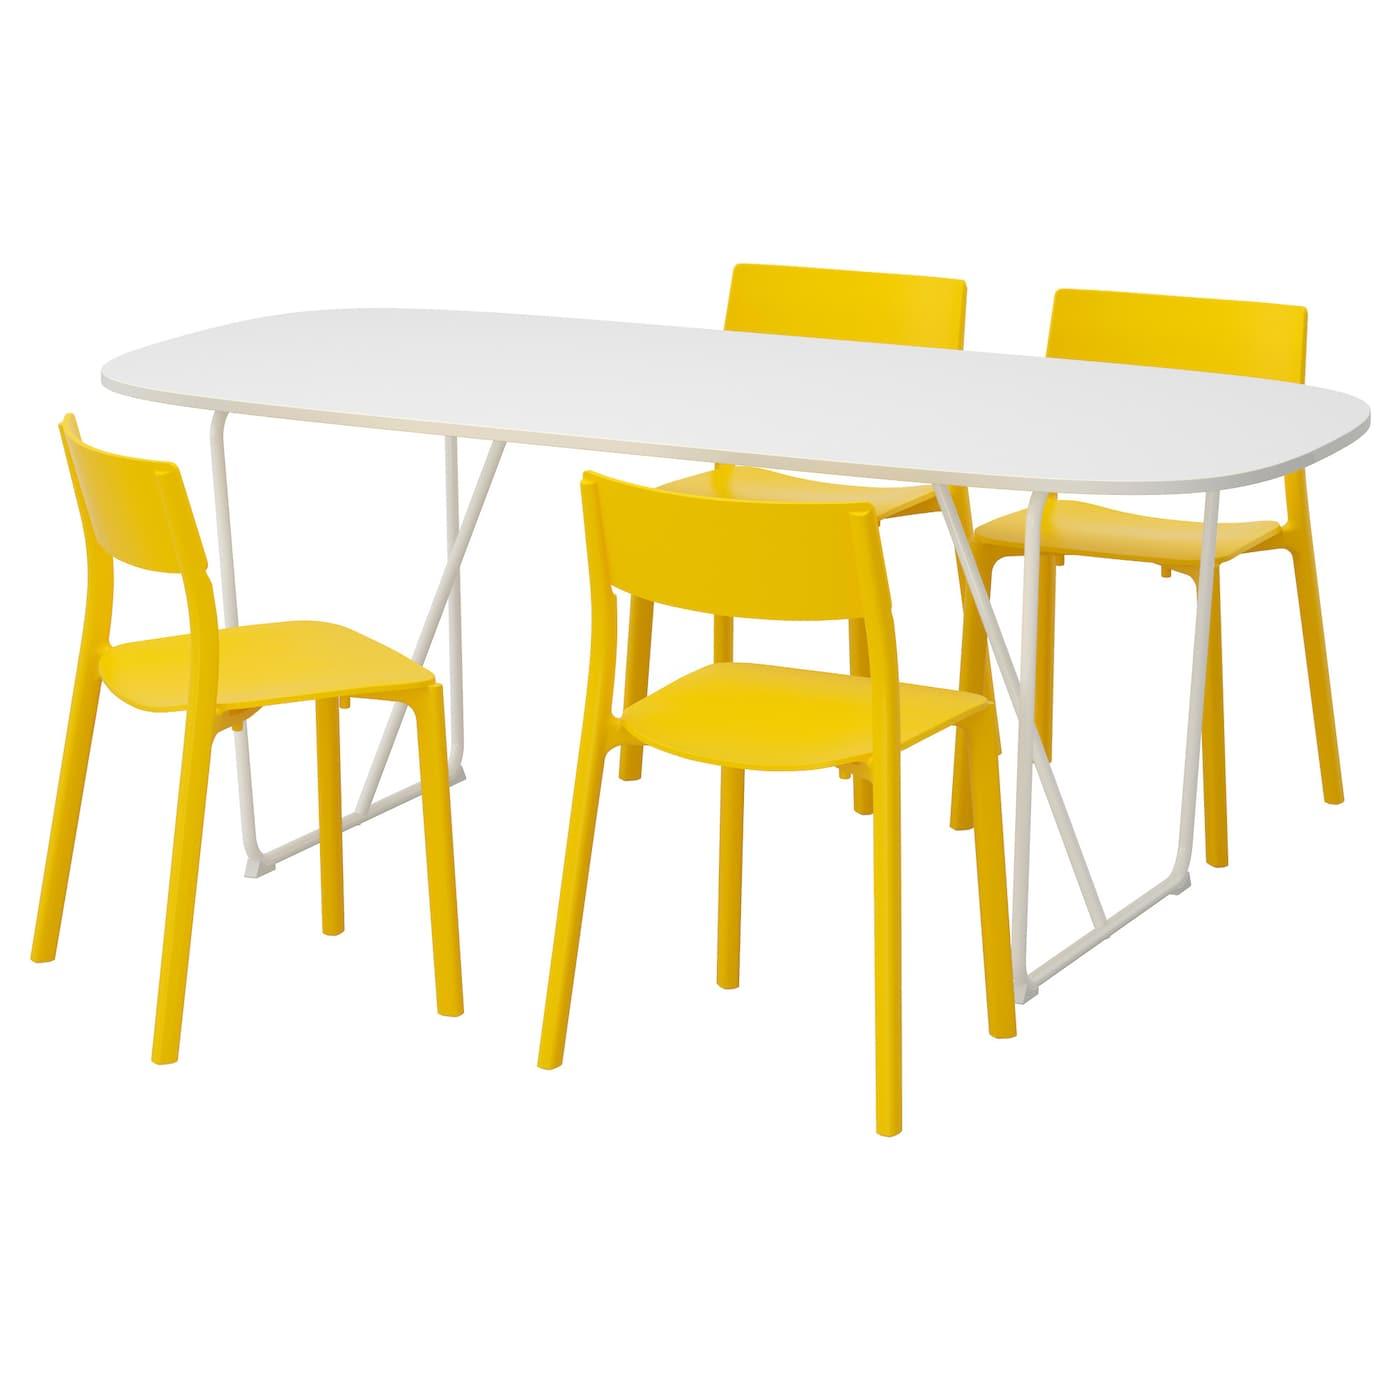 OPPEBY/BACKARYD / JANINGE, Tisch und 4 Stühle, weiß 591.615.43